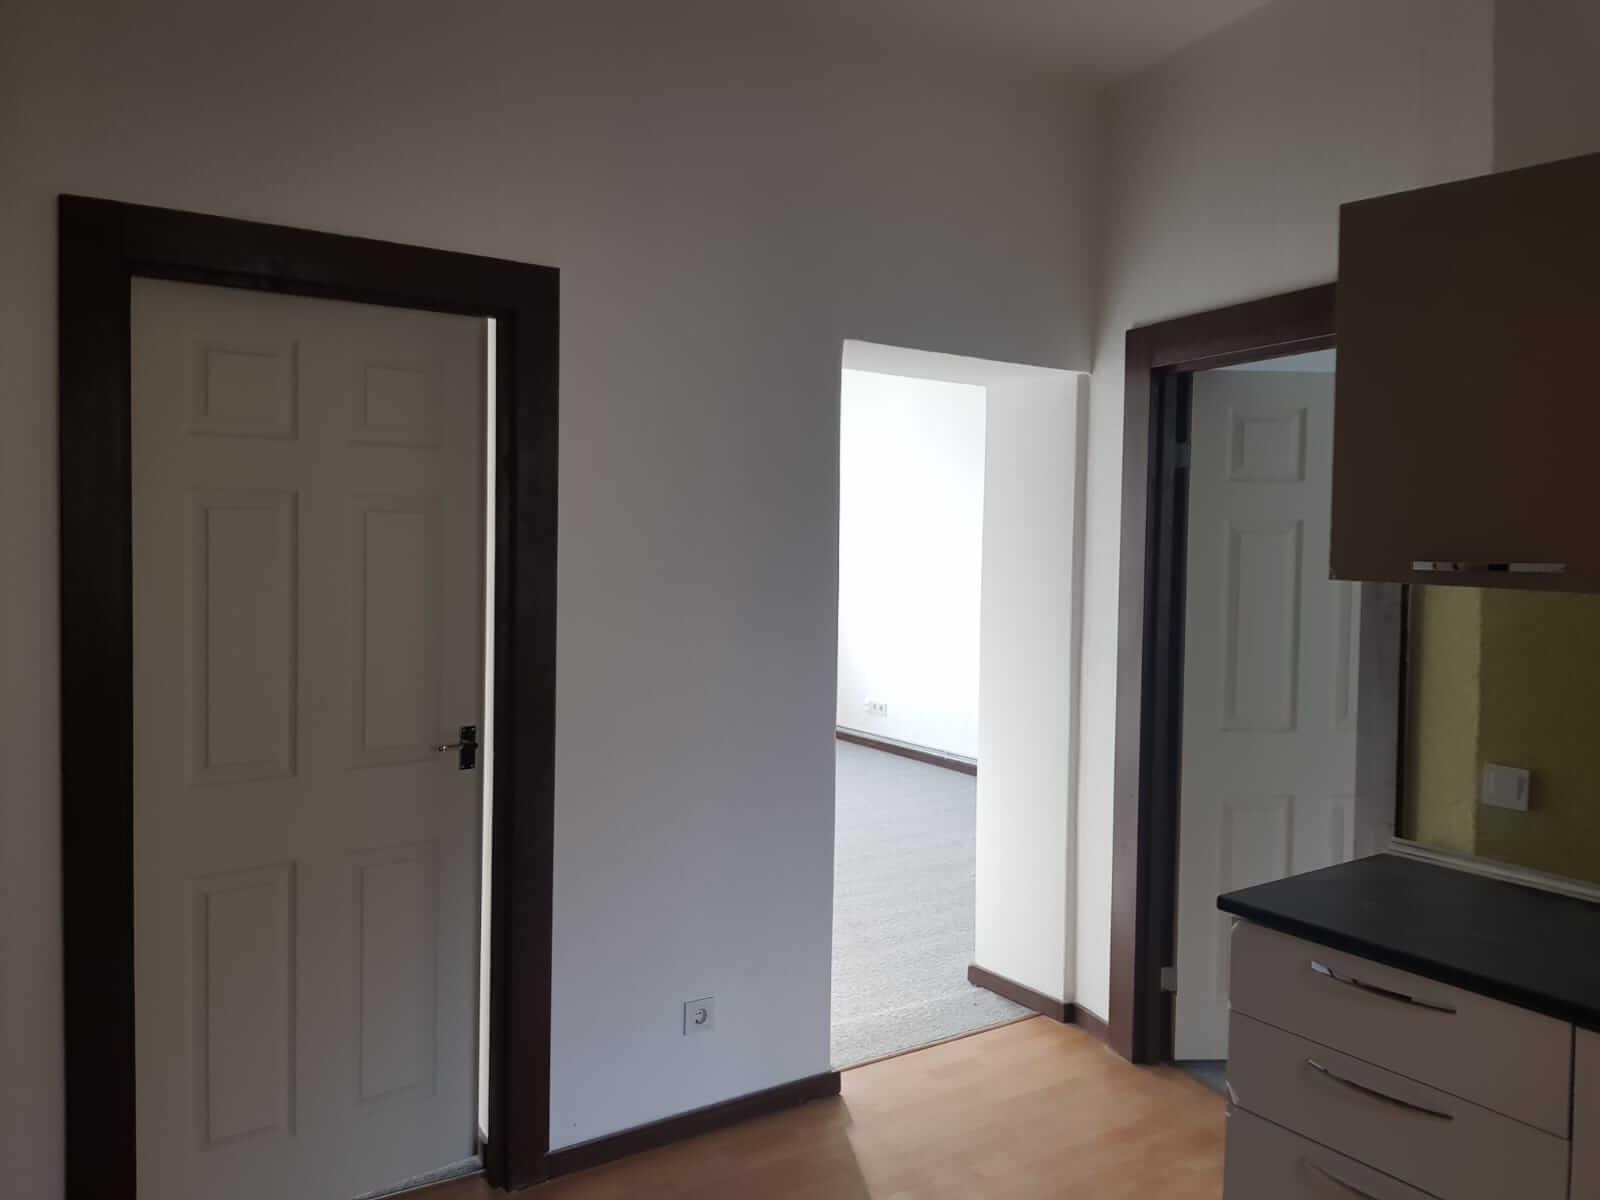 Predané: Kompletne zrekonštruovaný bytový dom, v Nemecku, na investíciu s nájomcami-12